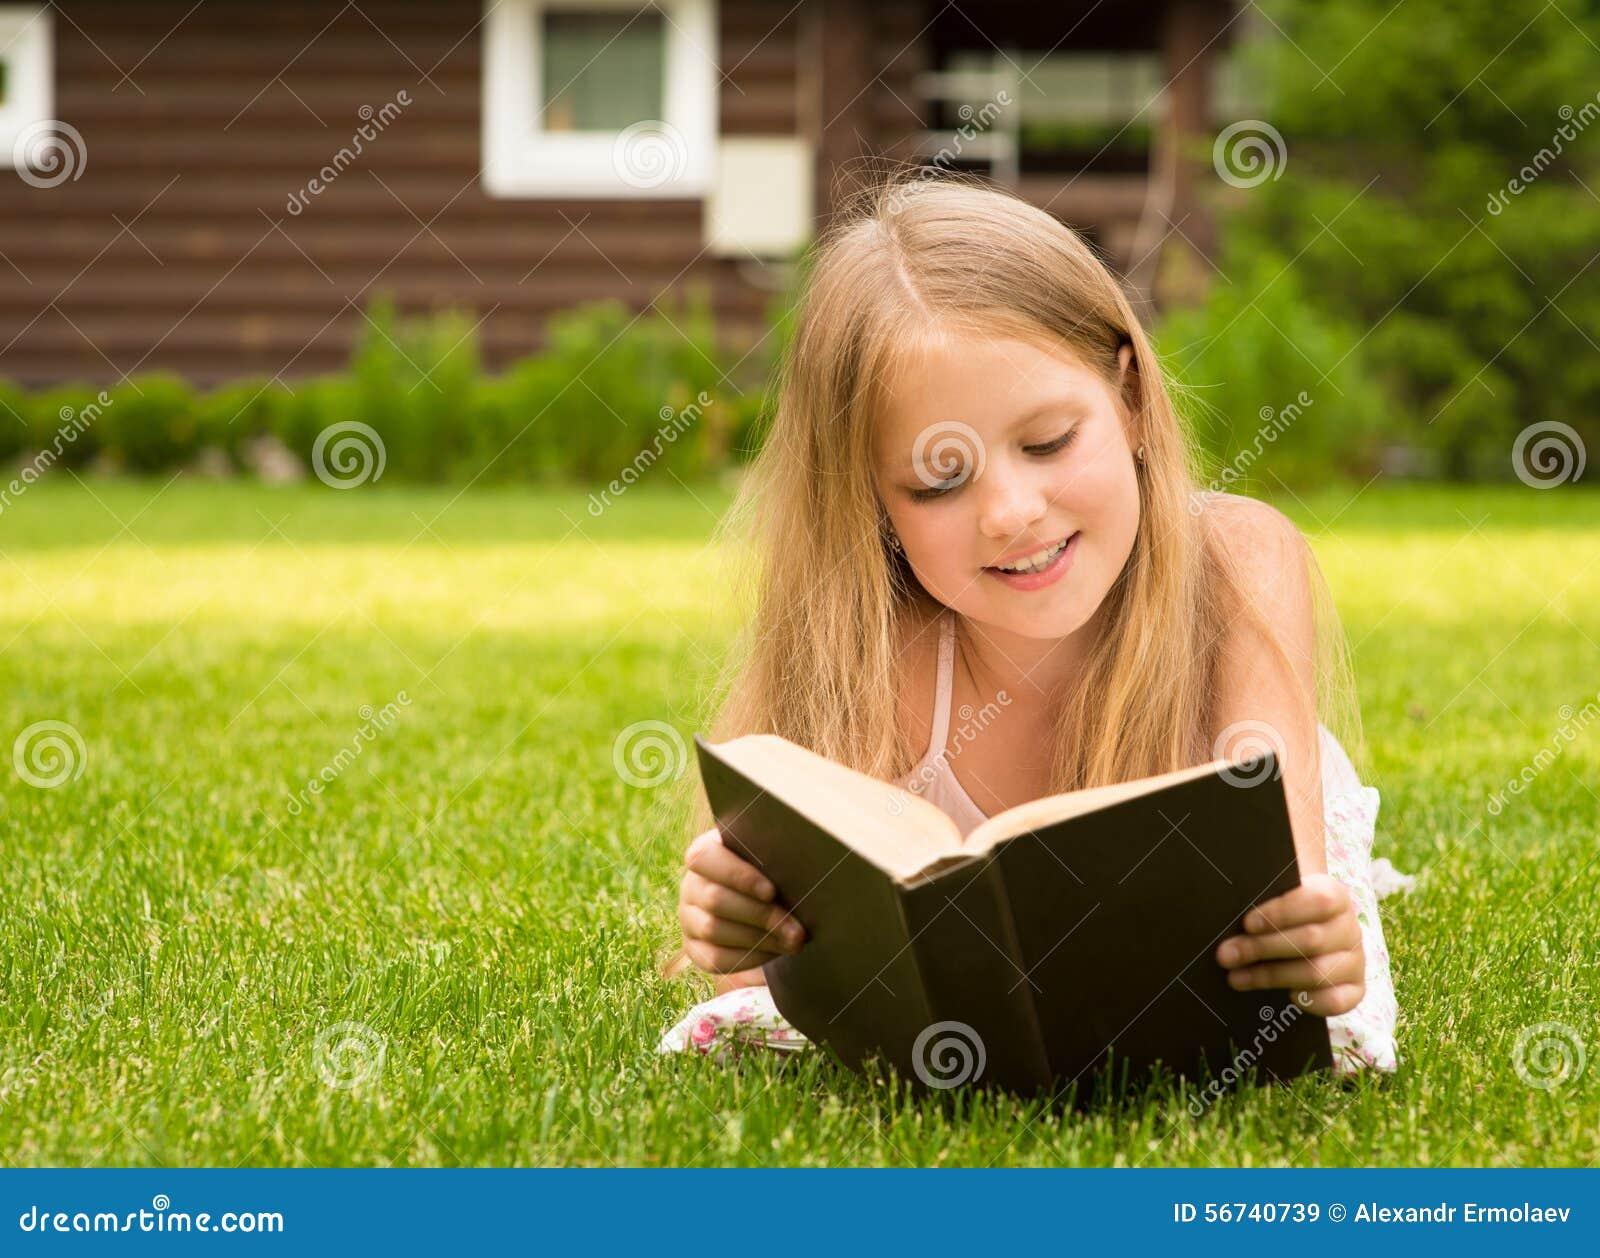 Όμορφο χαμογελώντας έφηβη που βρίσκεται στη χλόη και το διαβασμένο βιβλίο